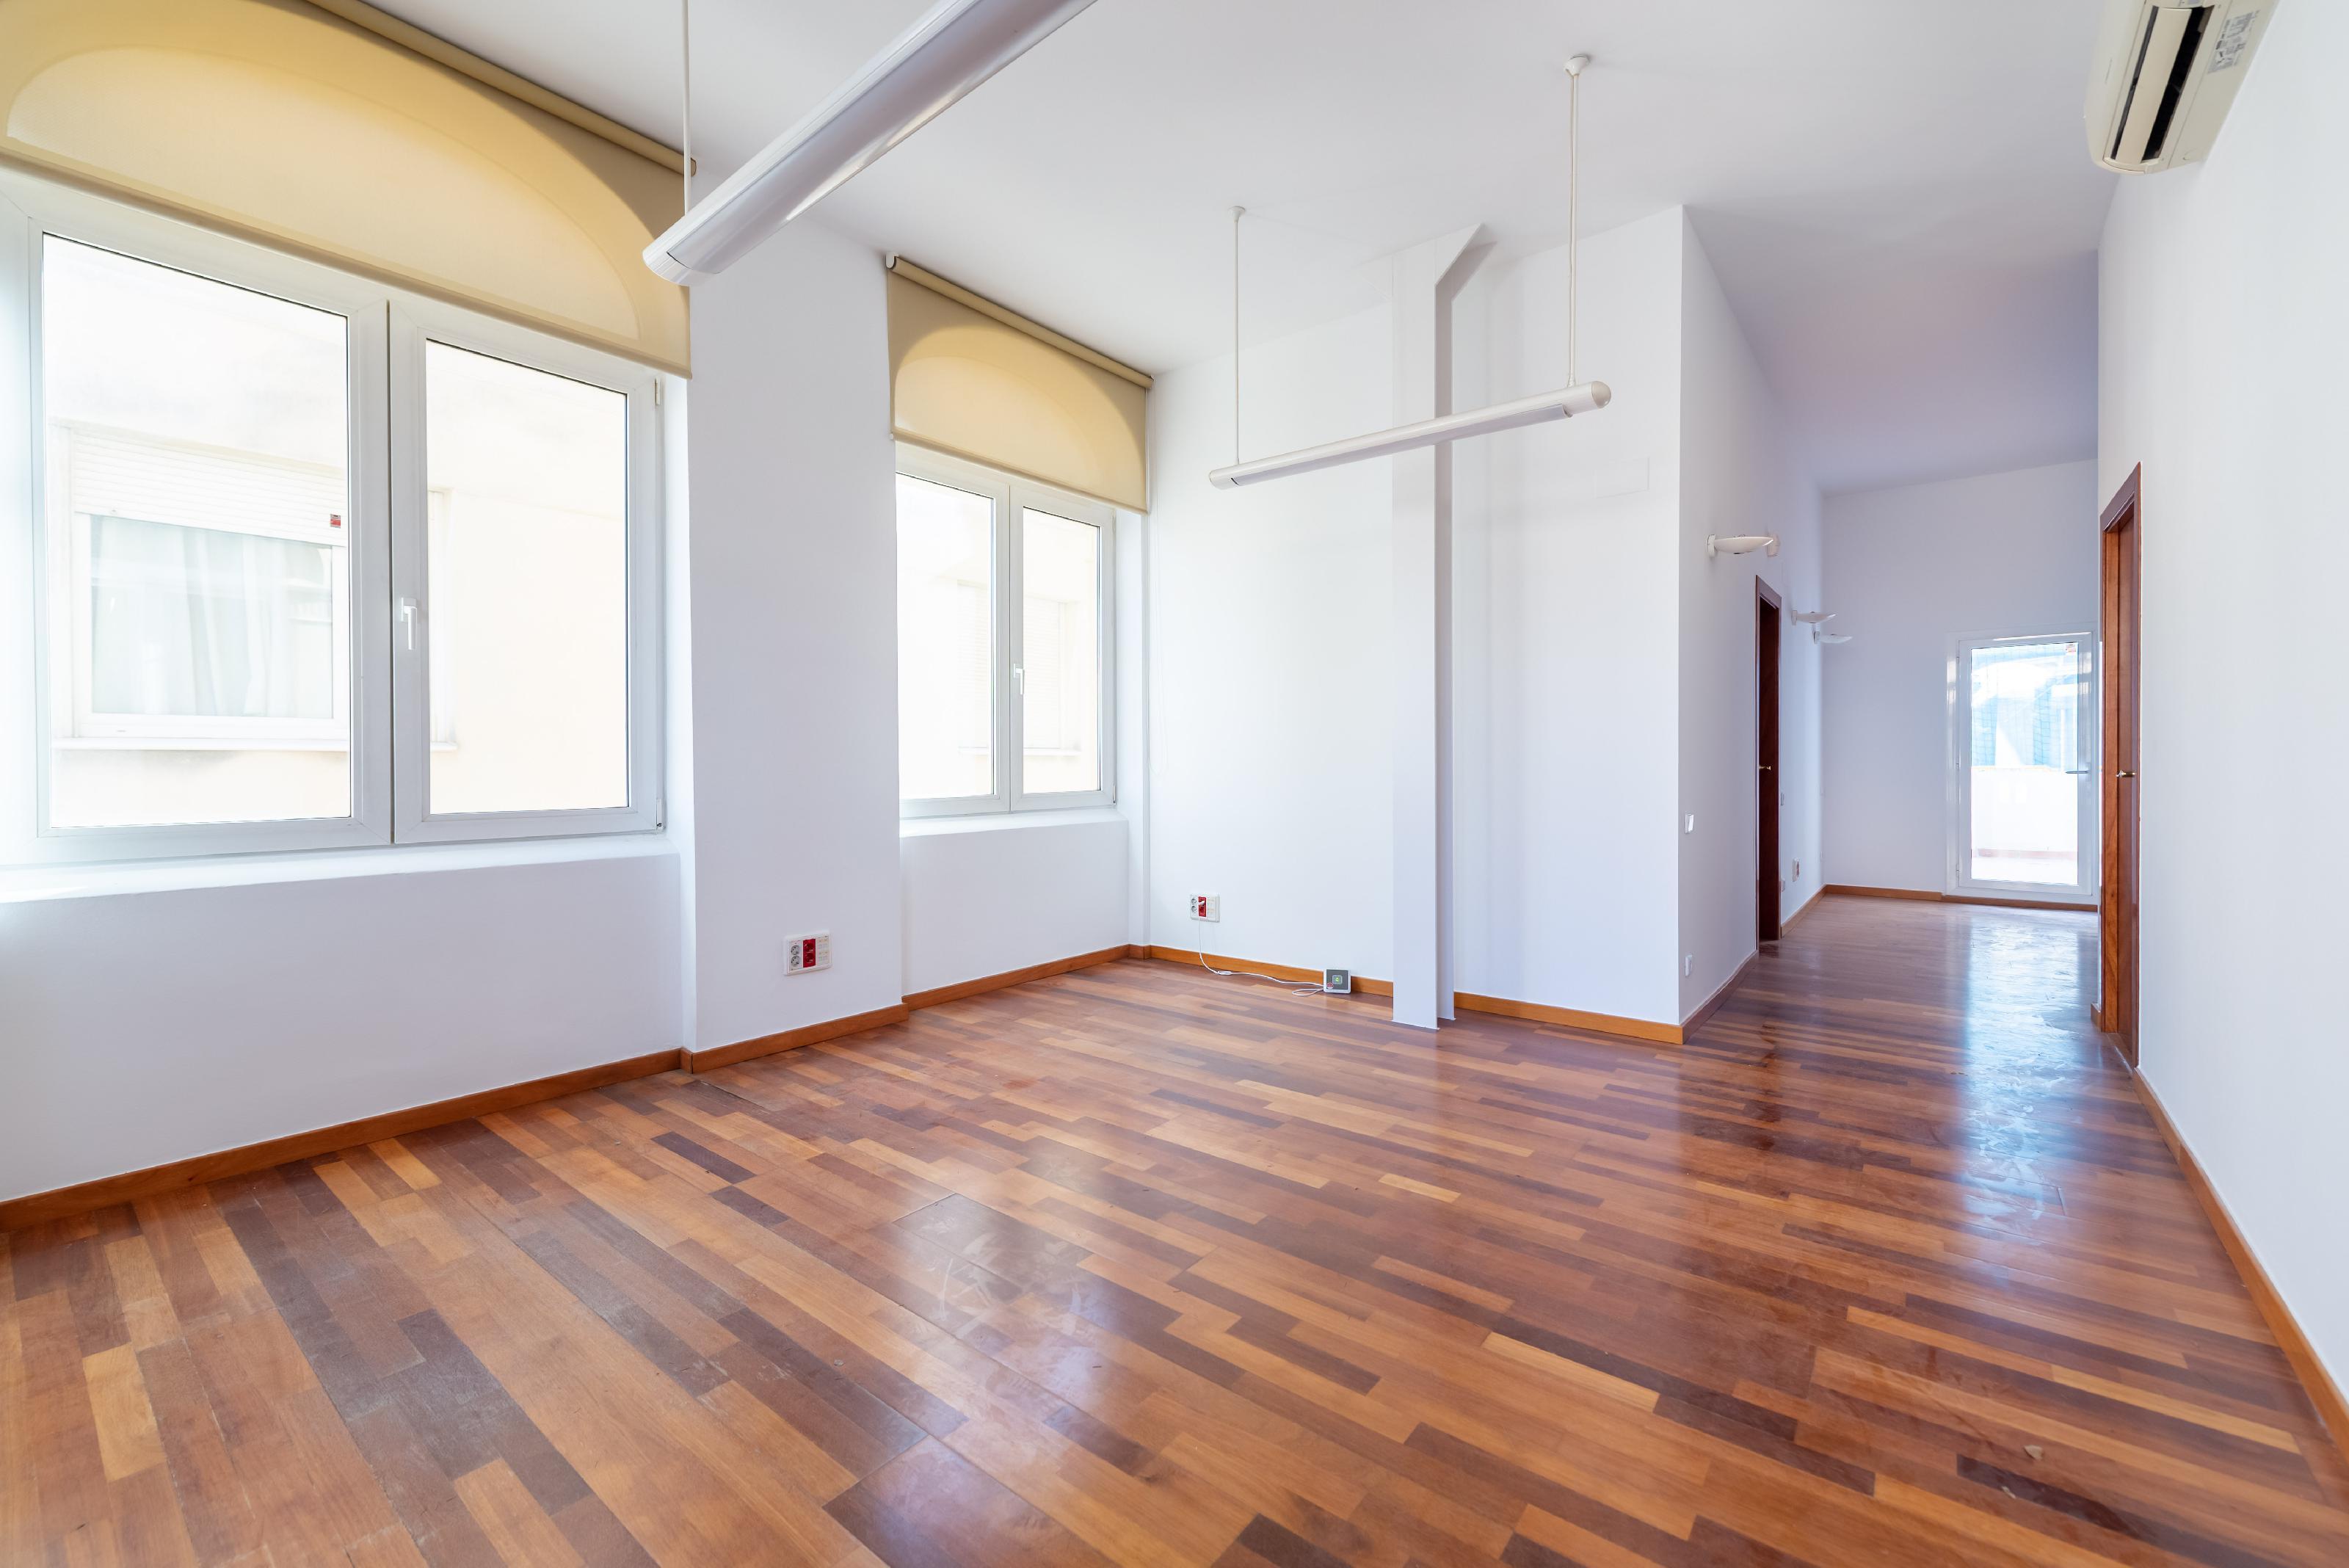 246065 Flat for sale in Sarrià-Sant Gervasi, Sarrià 2